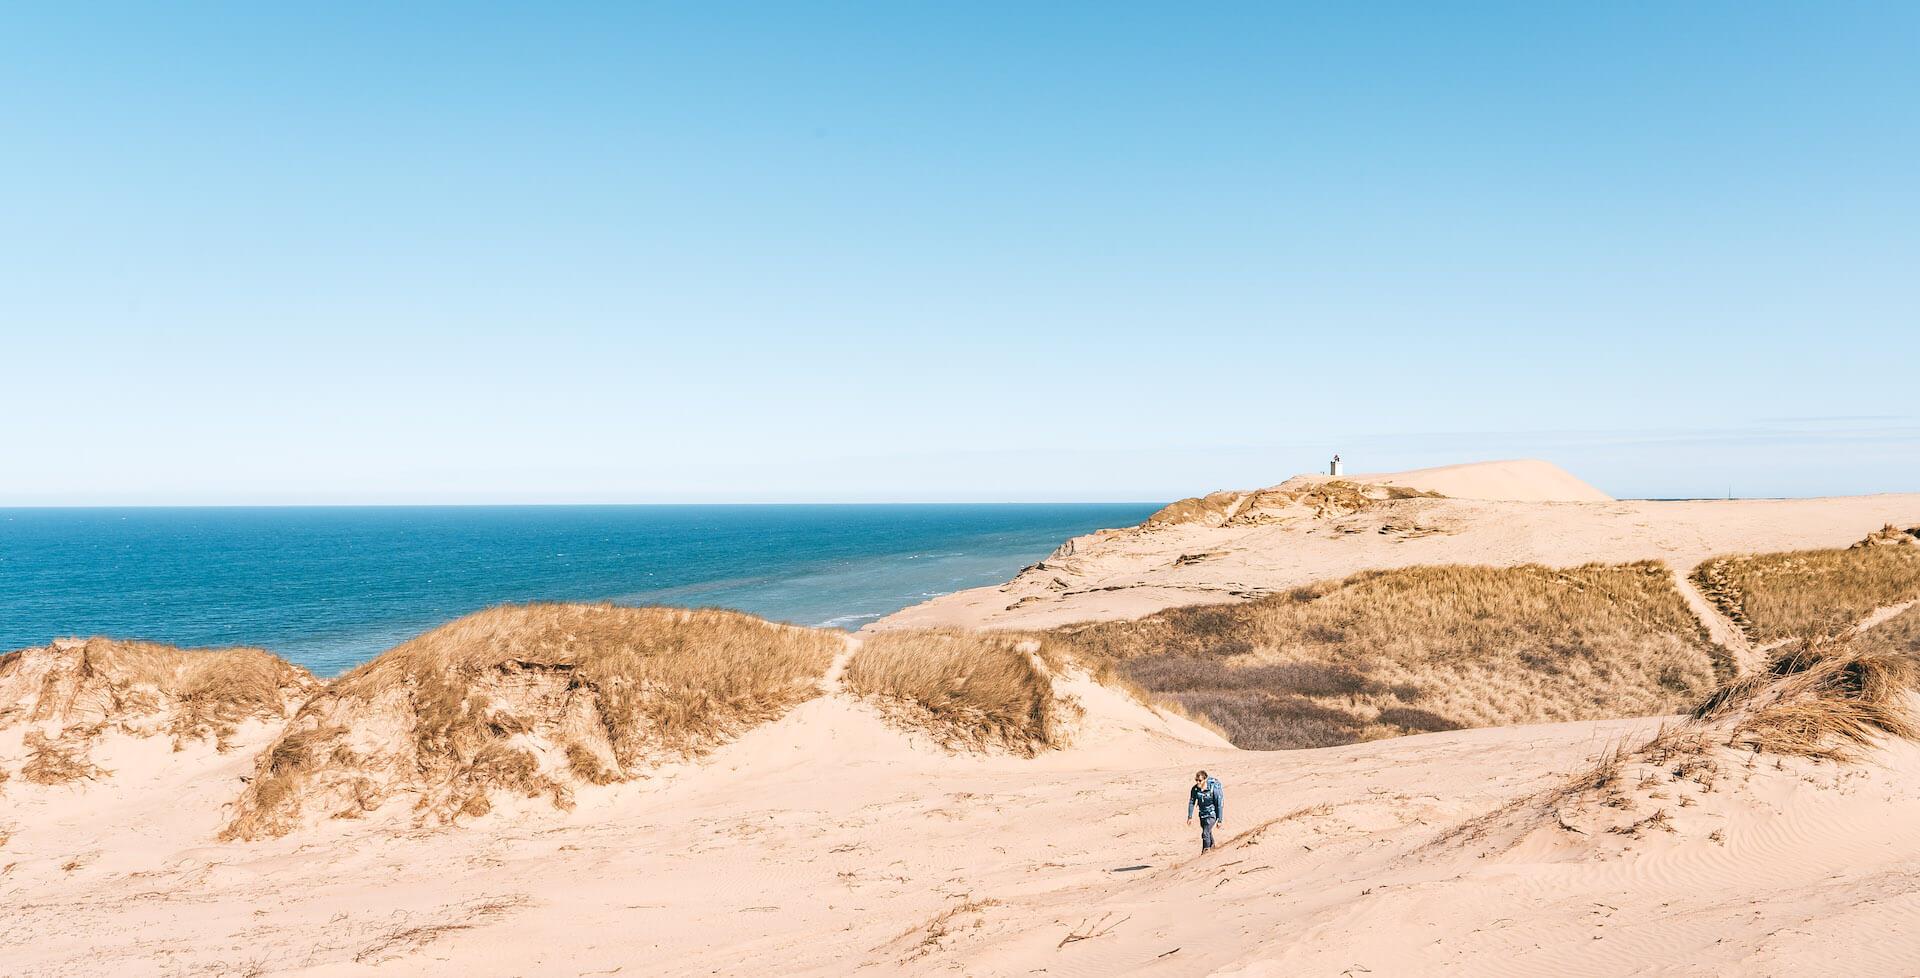 dänemark küste meer nordsee wandern rubjerg-knud leuchtturm steilküste mann sand